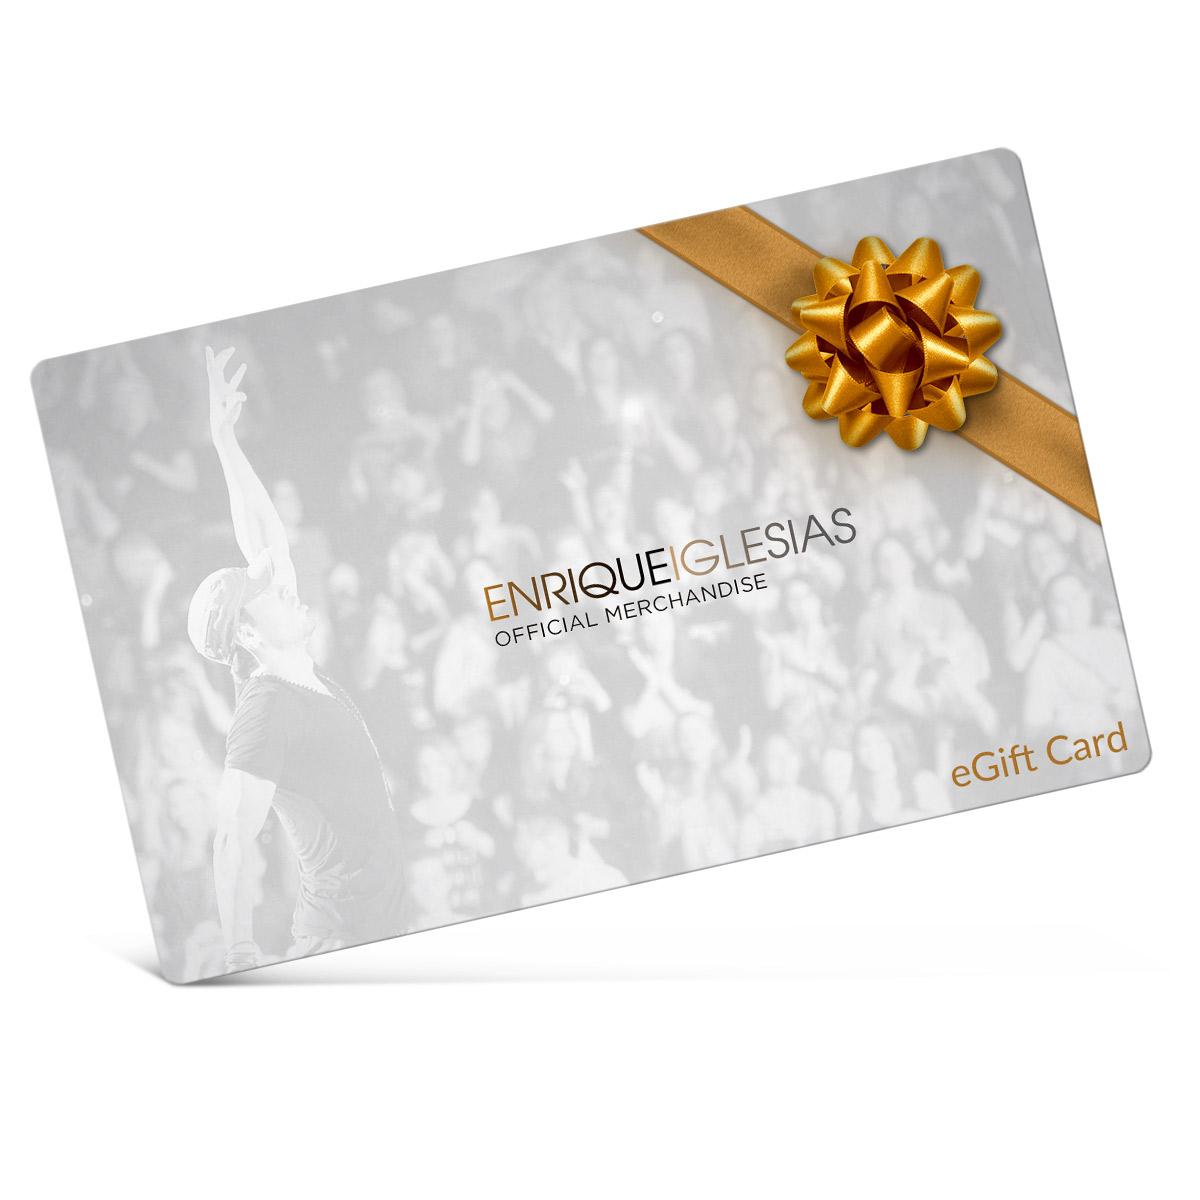 Enrique Iglesias eGift Cards